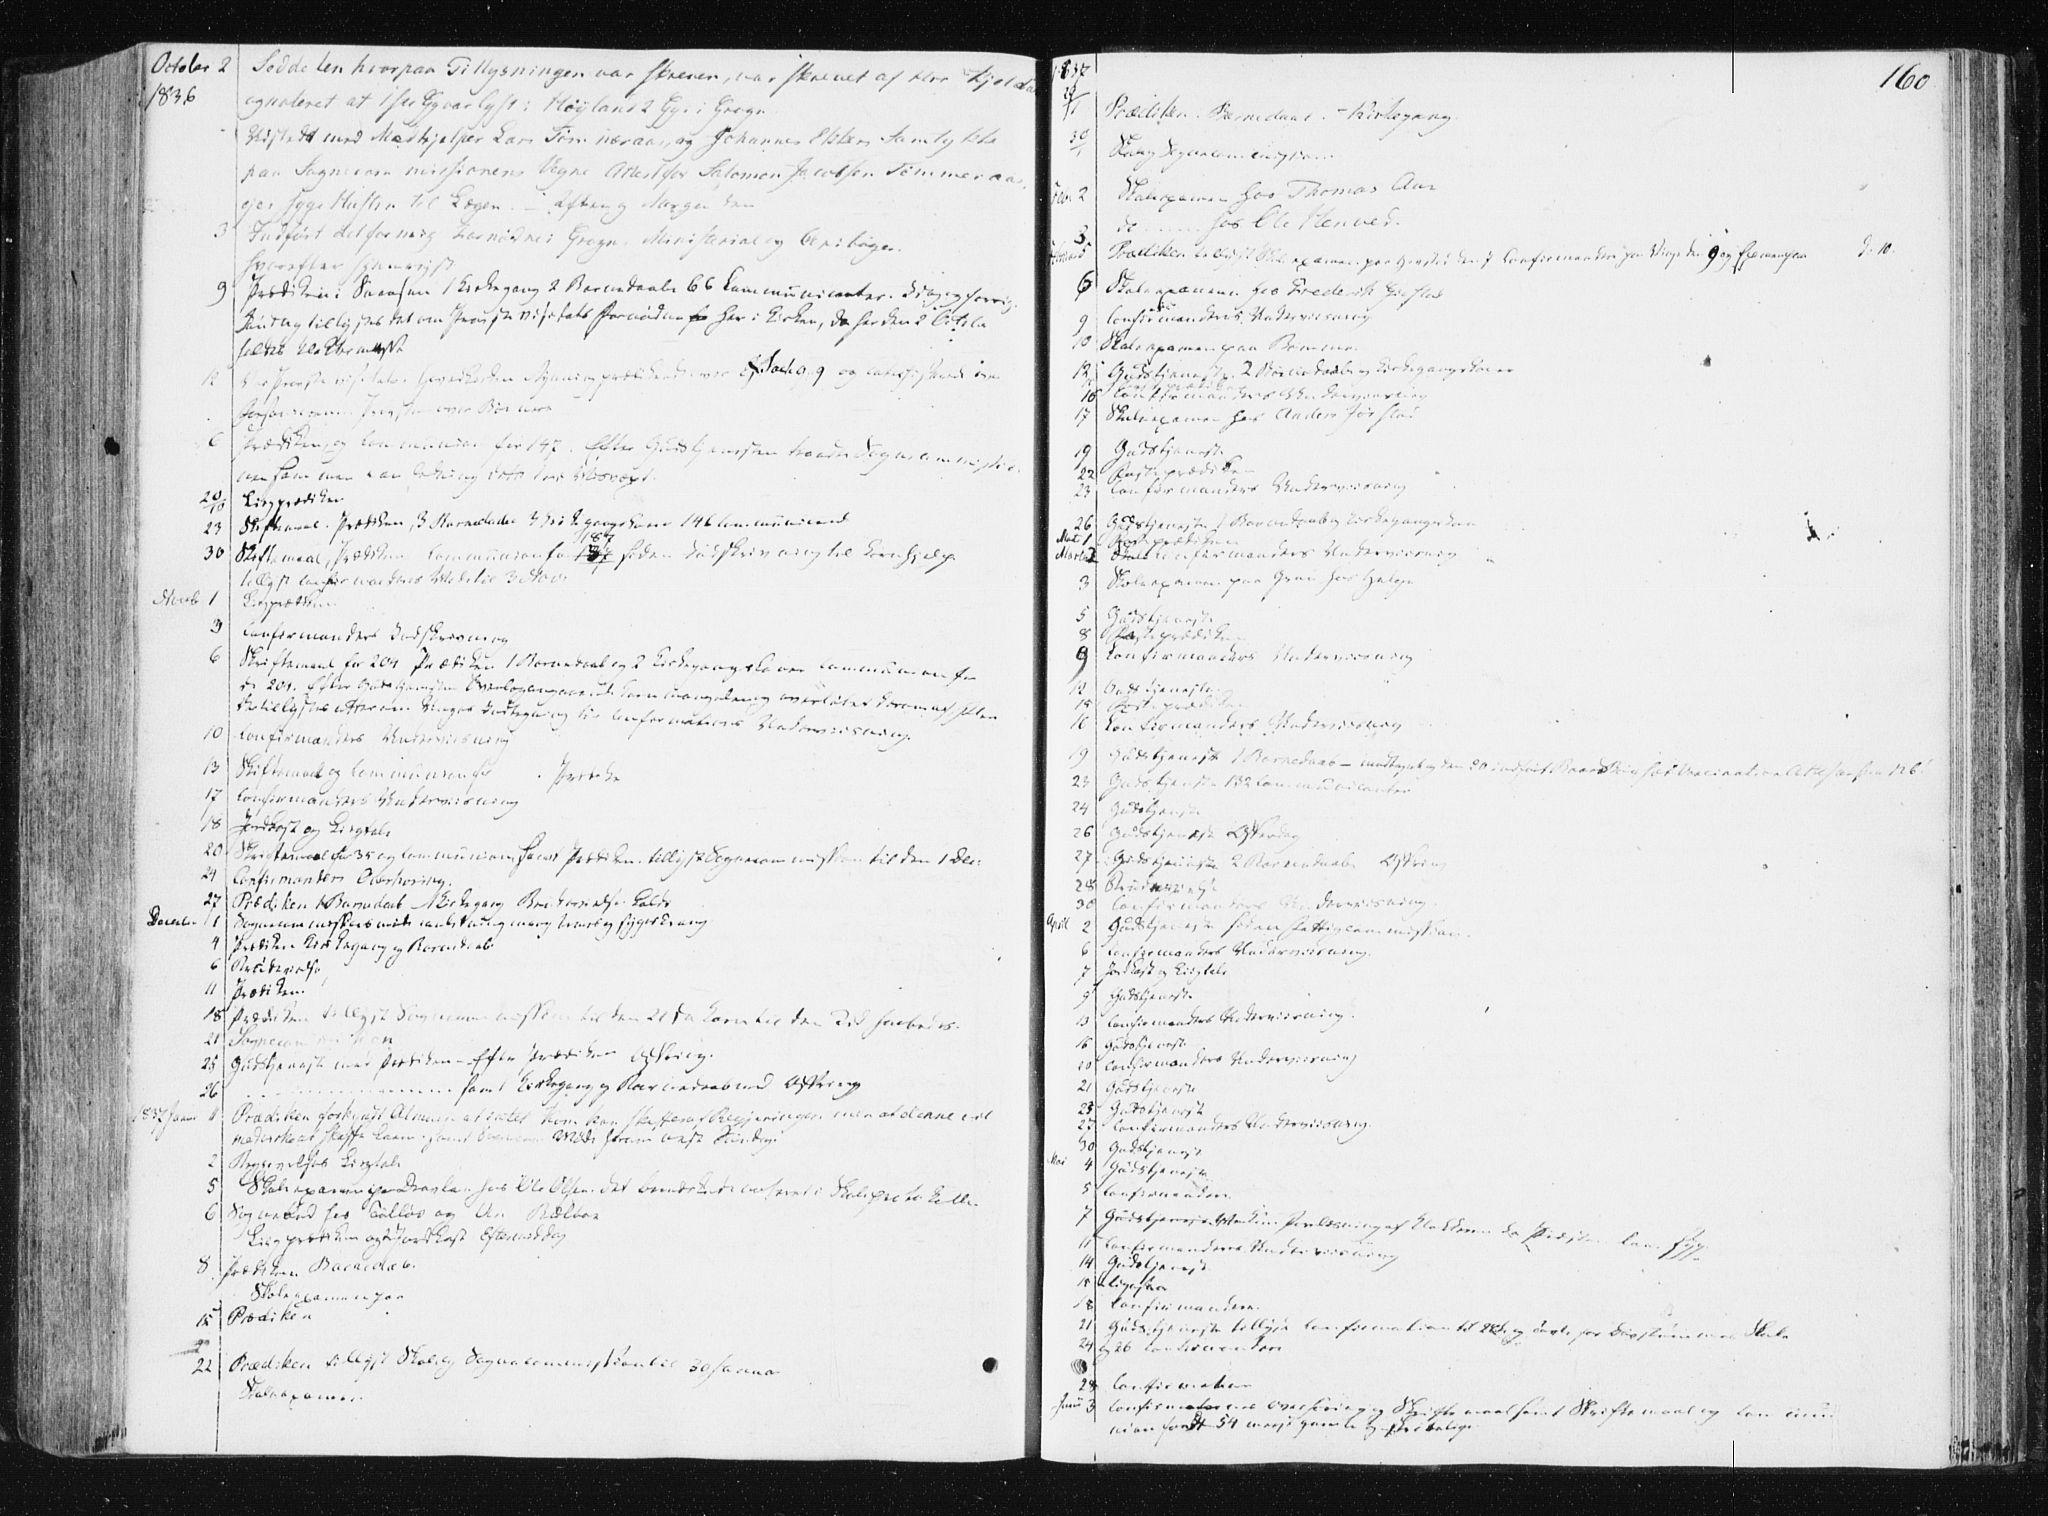 SAT, Ministerialprotokoller, klokkerbøker og fødselsregistre - Nord-Trøndelag, 749/L0470: Ministerialbok nr. 749A04, 1834-1853, s. 160